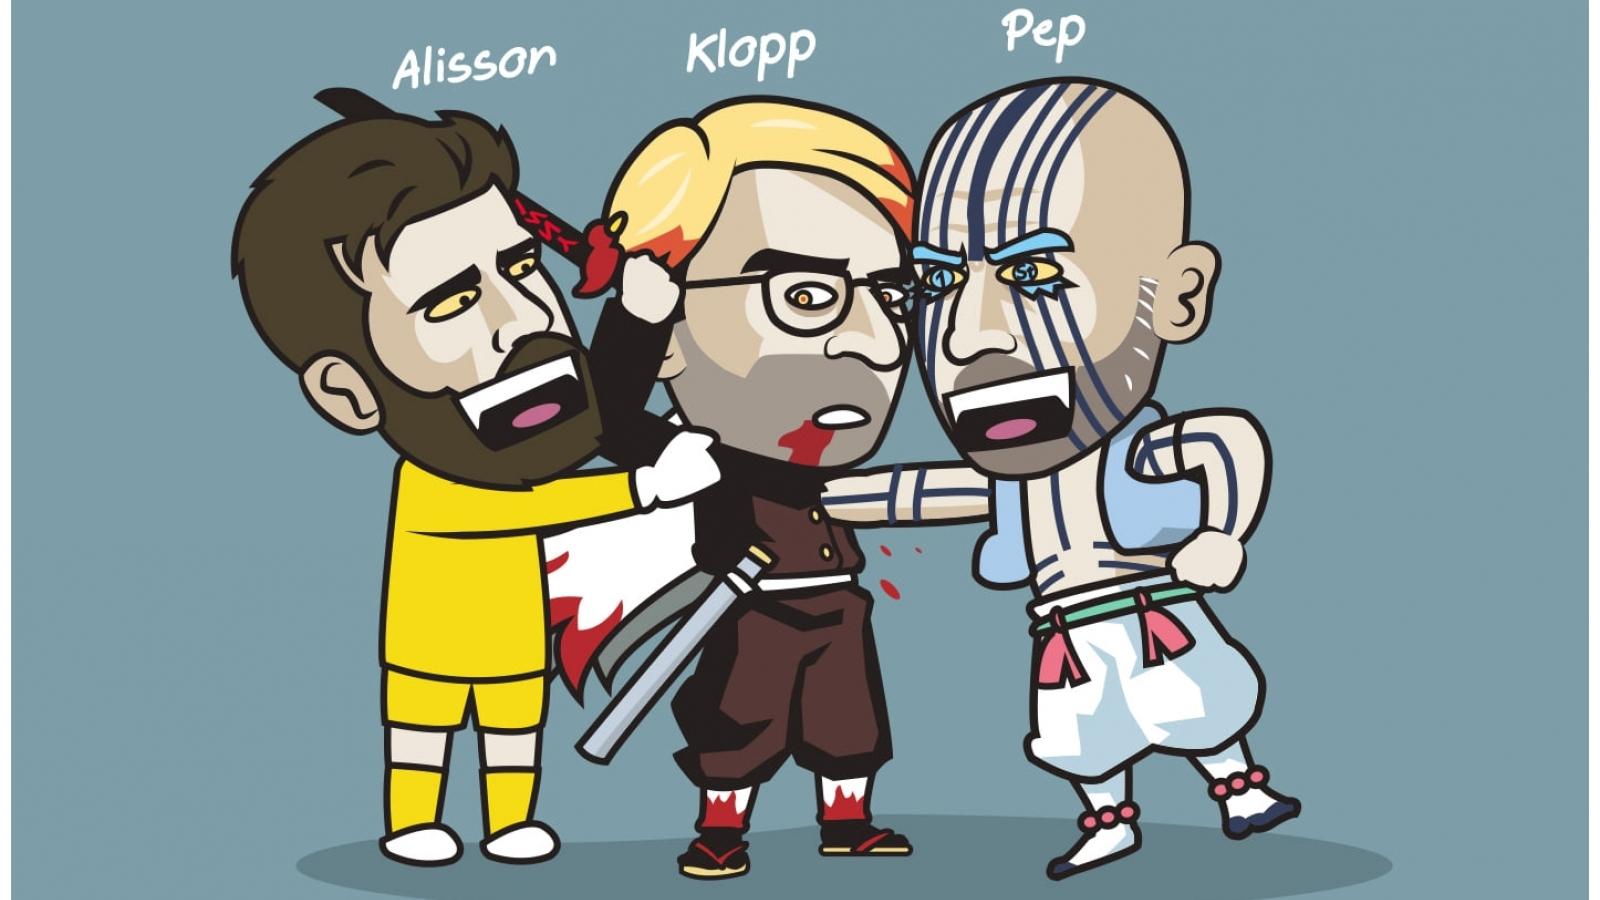 """Biếm họa 24h: Alisson """"tiếp tay"""" để Pep Guardiola hạ gục Jurgen Klopp"""